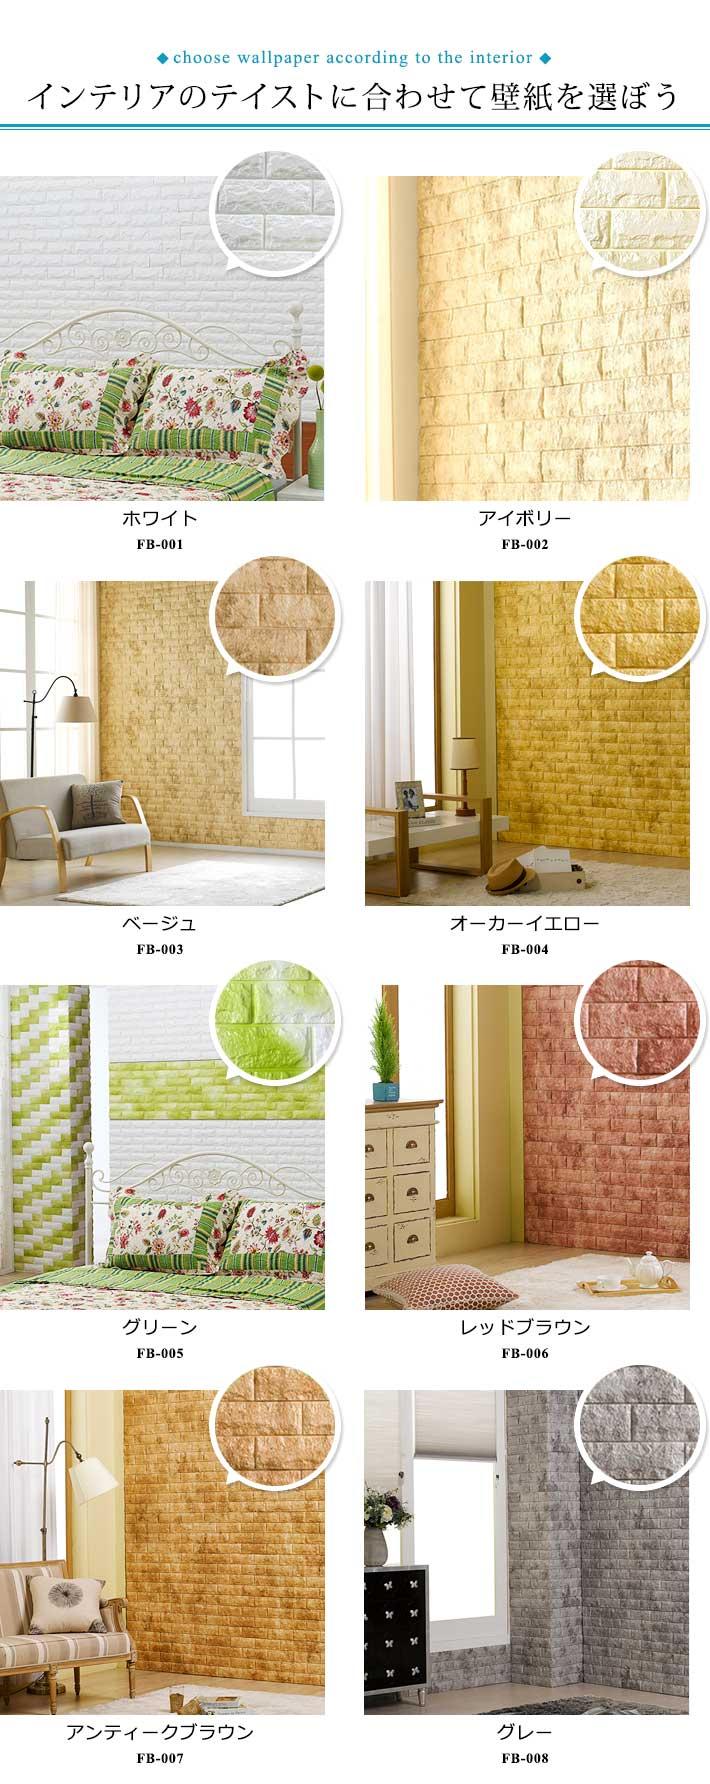 楽天市場 試せるサンプル 壁紙 レンガ 壁用 シール シート ブリック